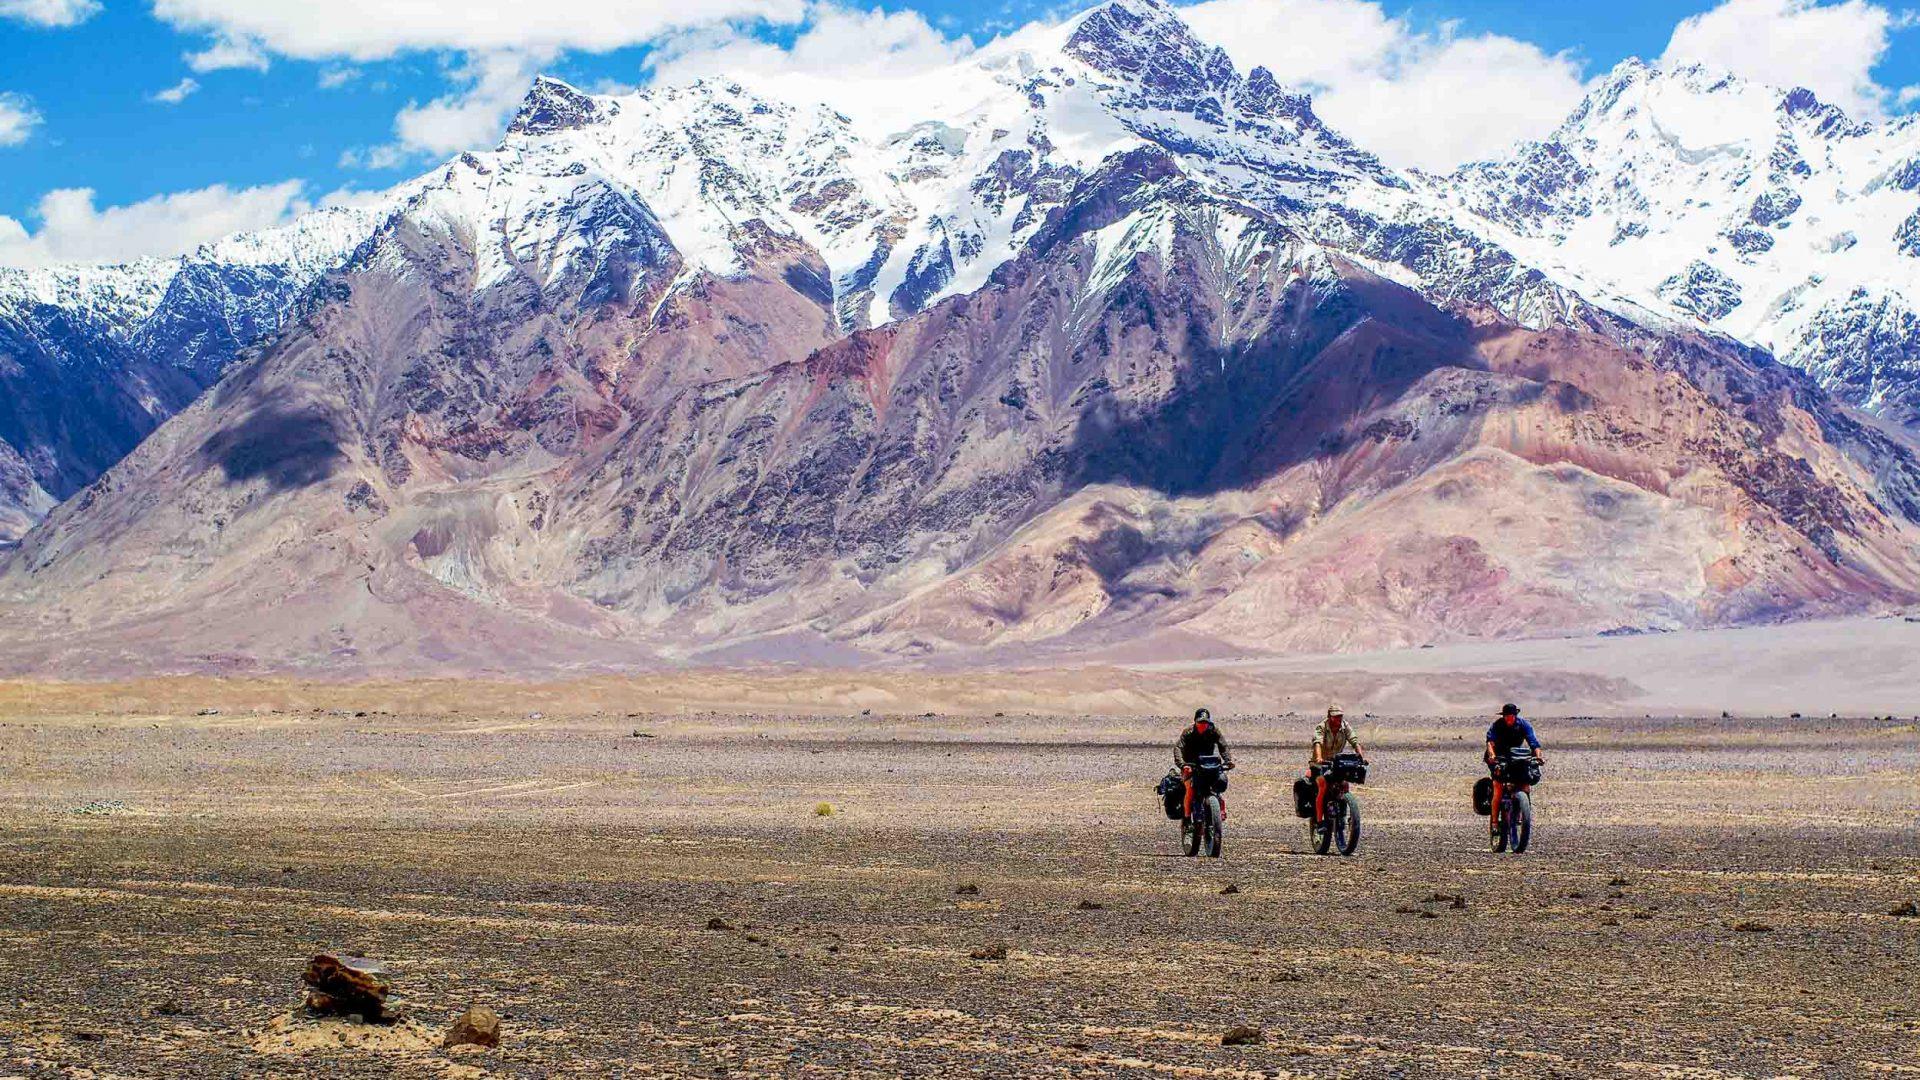 Three men cross through the Pamir Mountain range on mountain bikes.